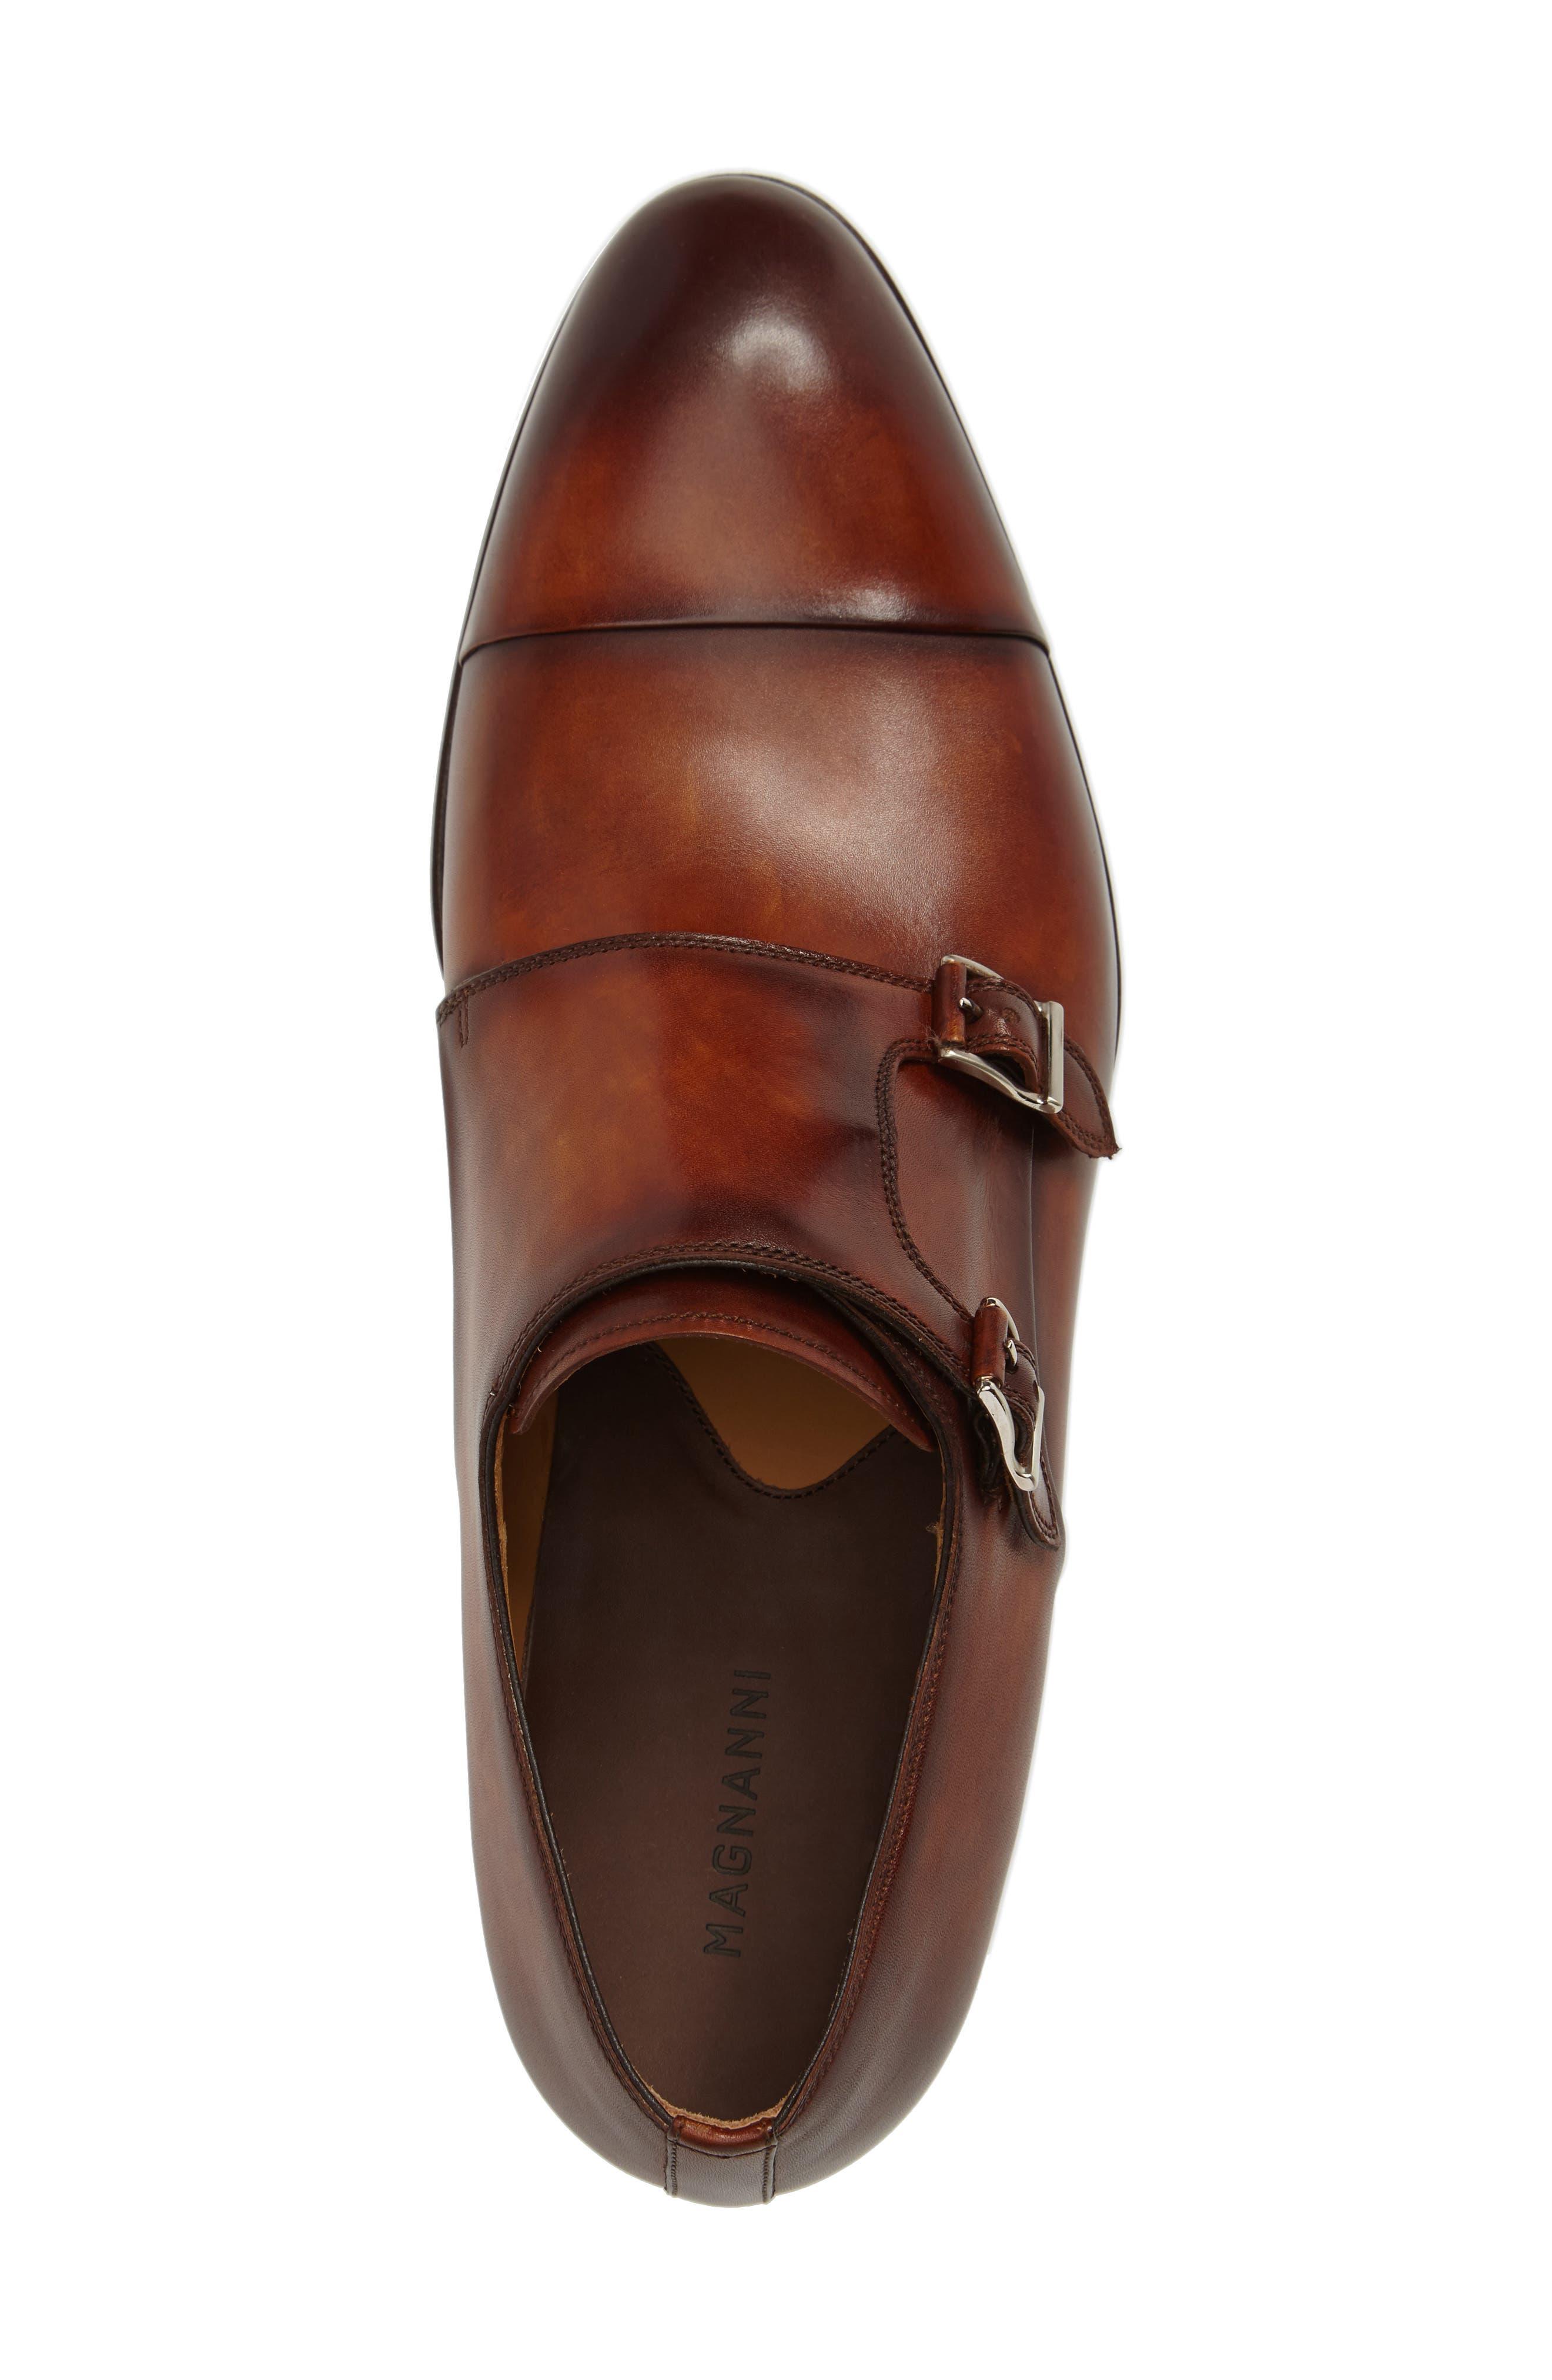 Louie Double Monk Strap Shoe,                             Alternate thumbnail 5, color,                             COGNAC LEATHER